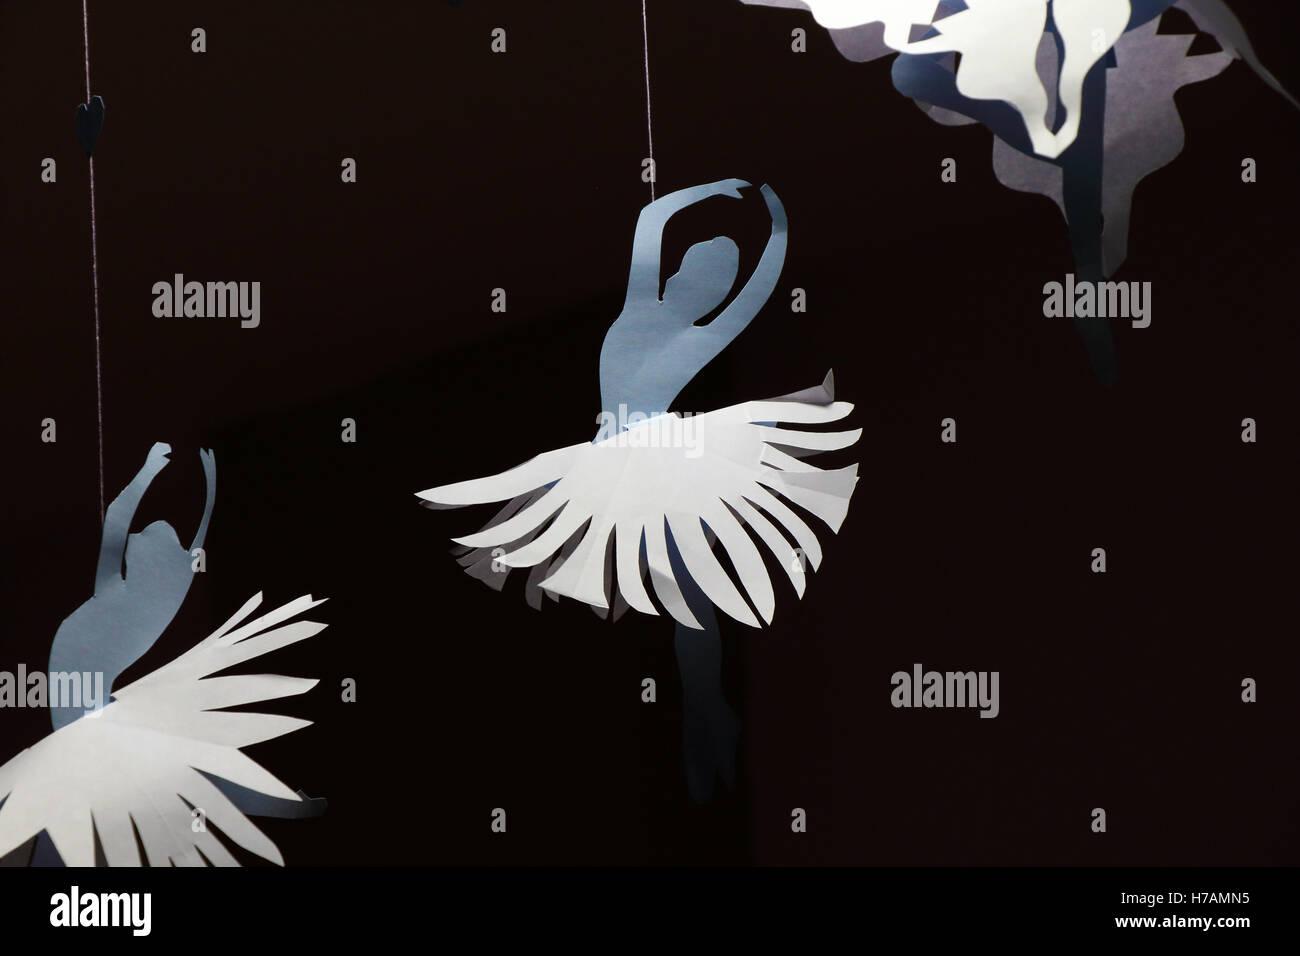 Dancing Girls - Creative Paper Art - Stock Image